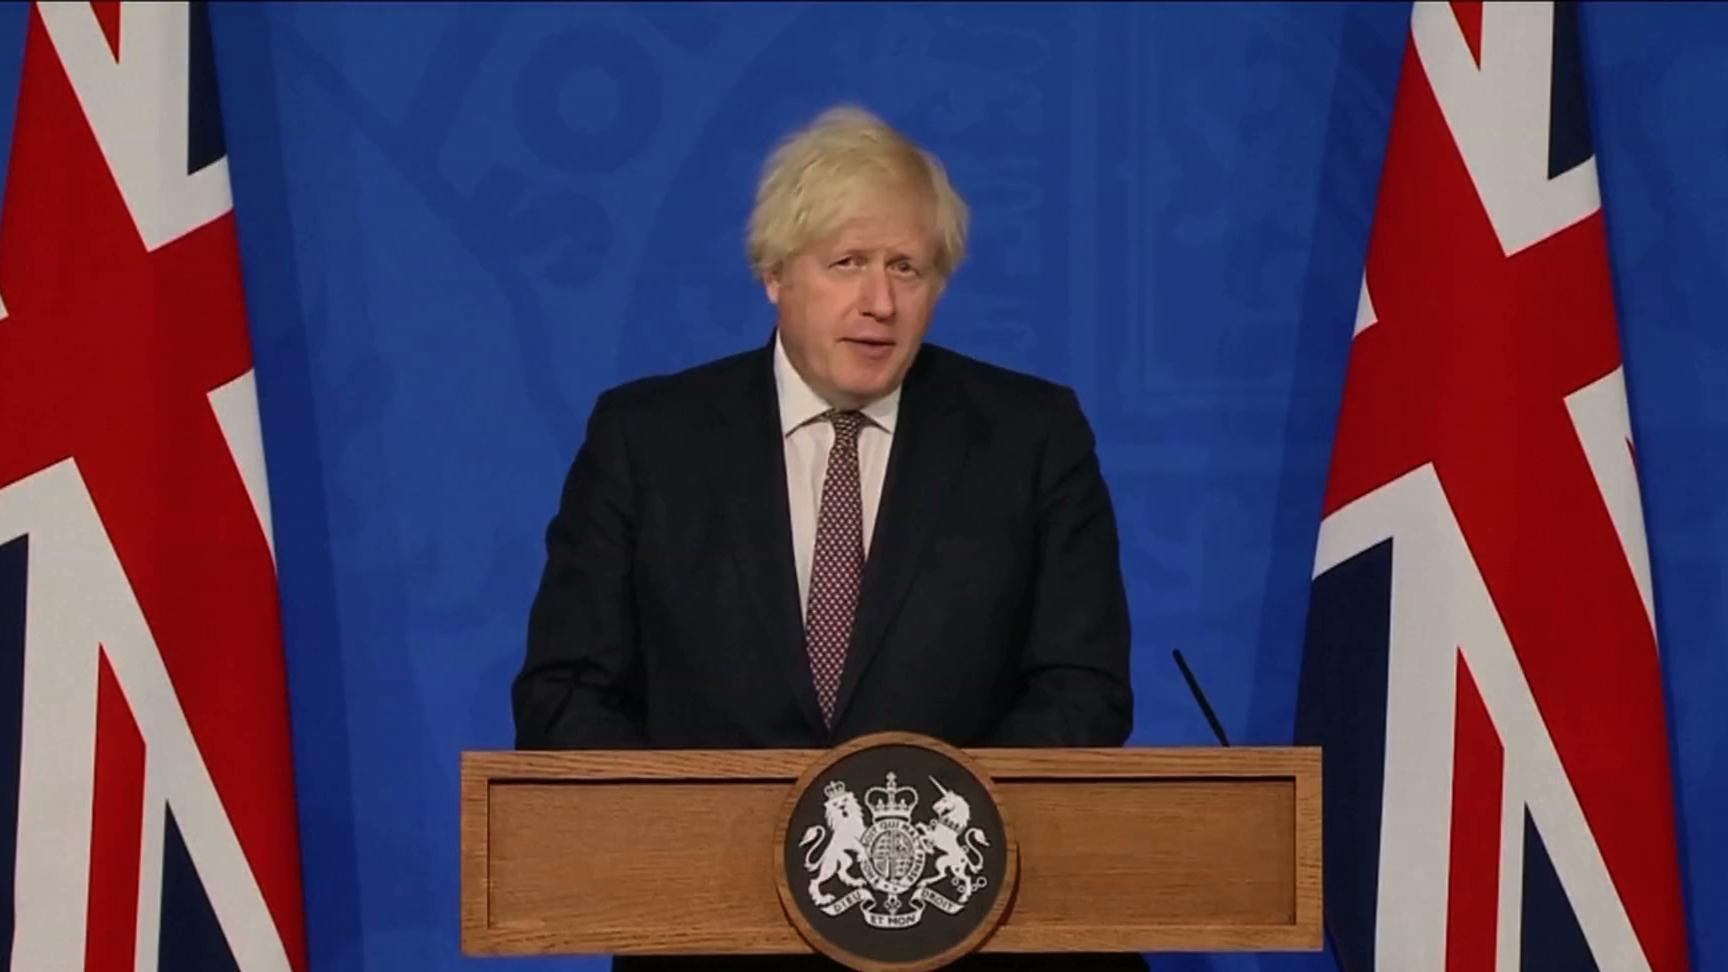 Rząd Wielkiej Brytanii zniesie obostrzenia mimo wzrostu liczby nowych zakażeń